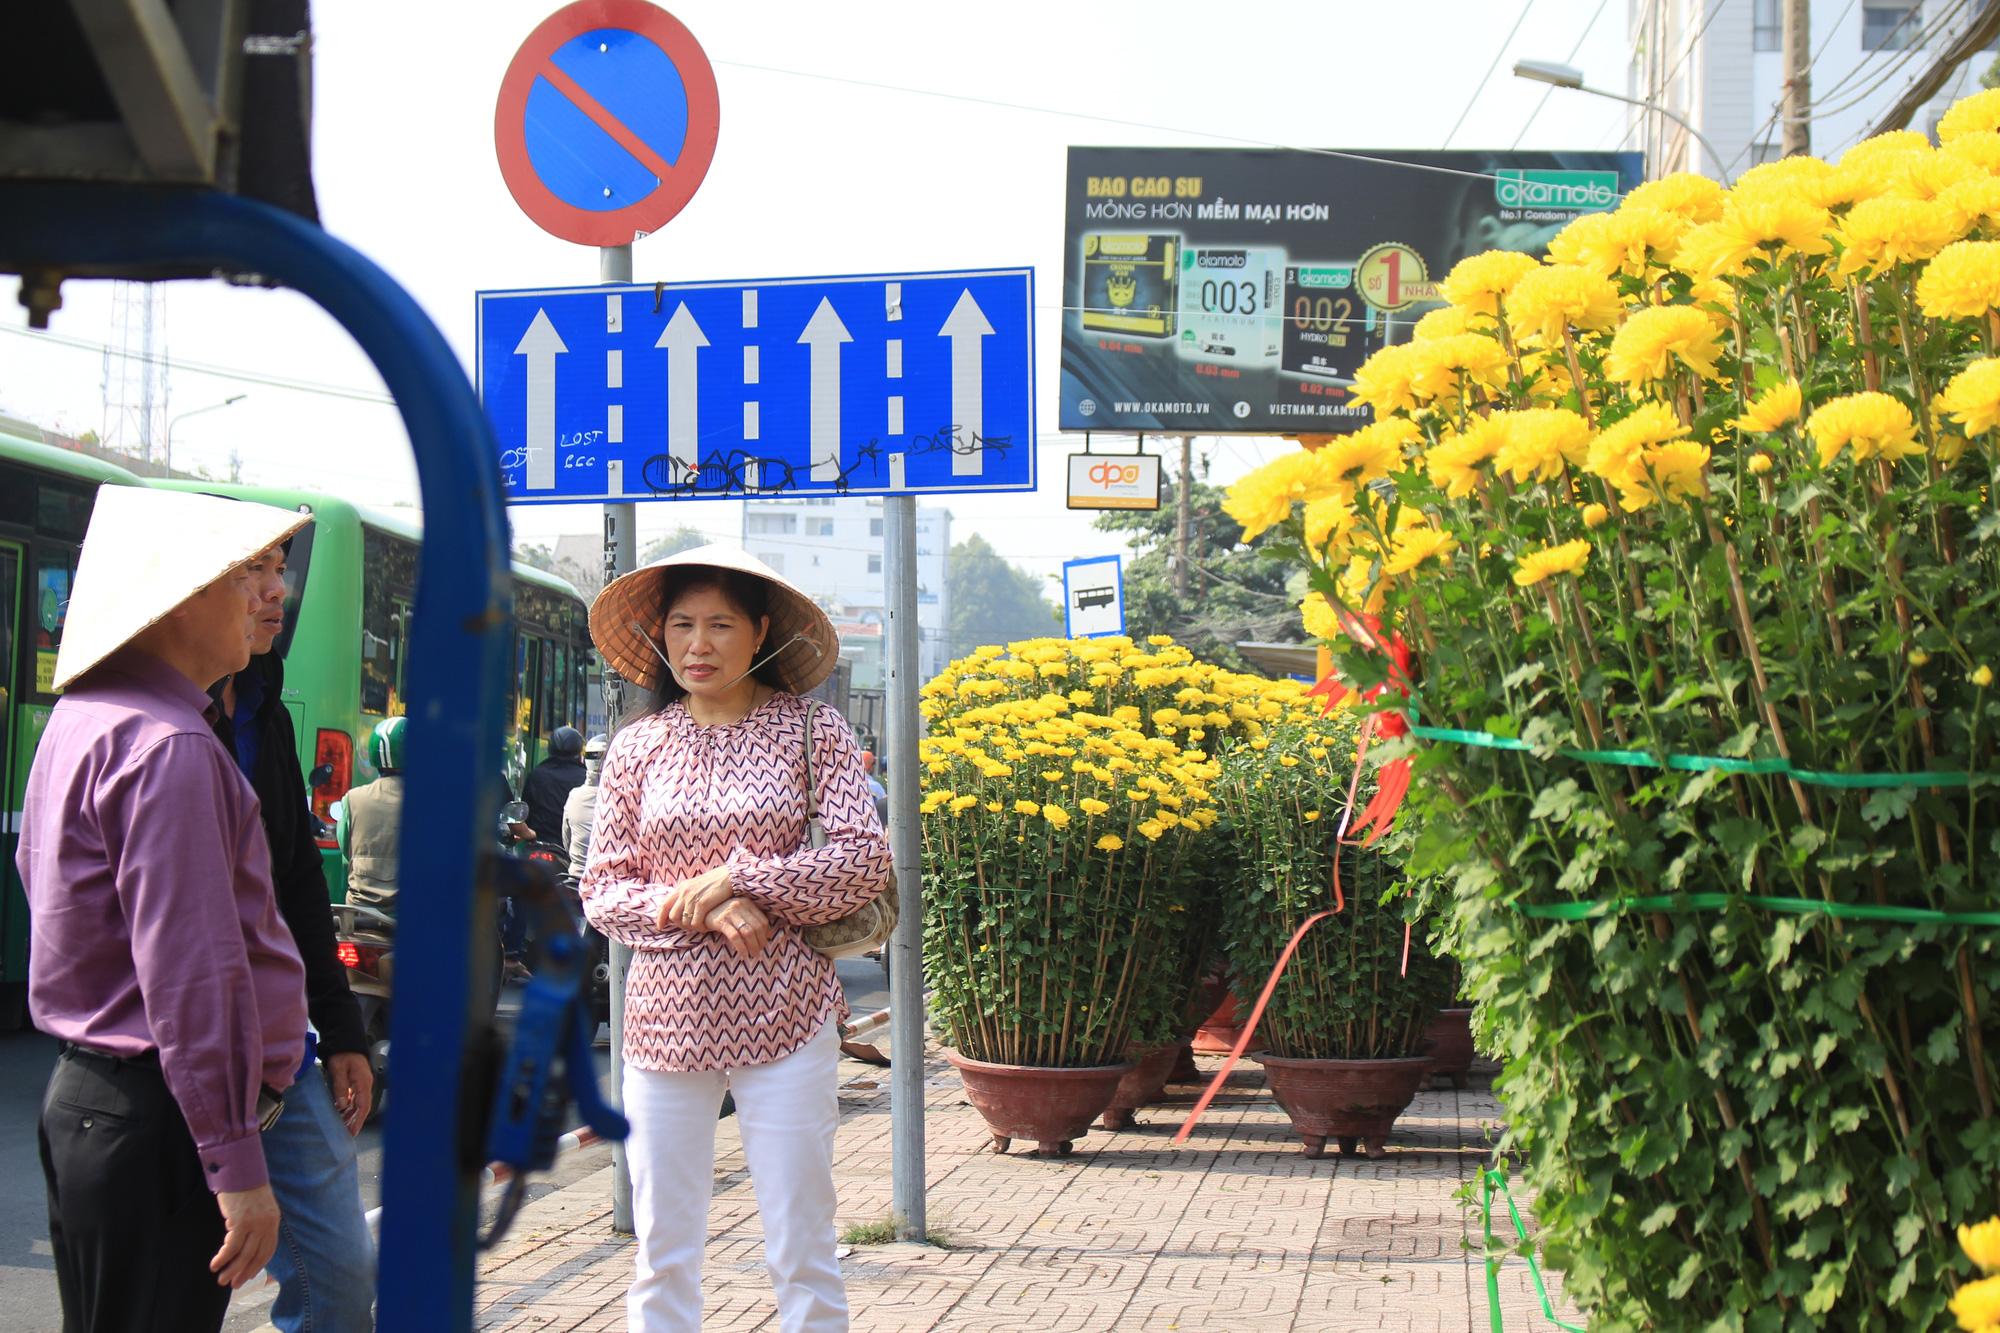 Mai Sài Gòn ồ ạt ra chợ, đi máy bay ra Hà Nội, sang Campuchia với giá hàng chục triệu đồng - Ảnh 12.